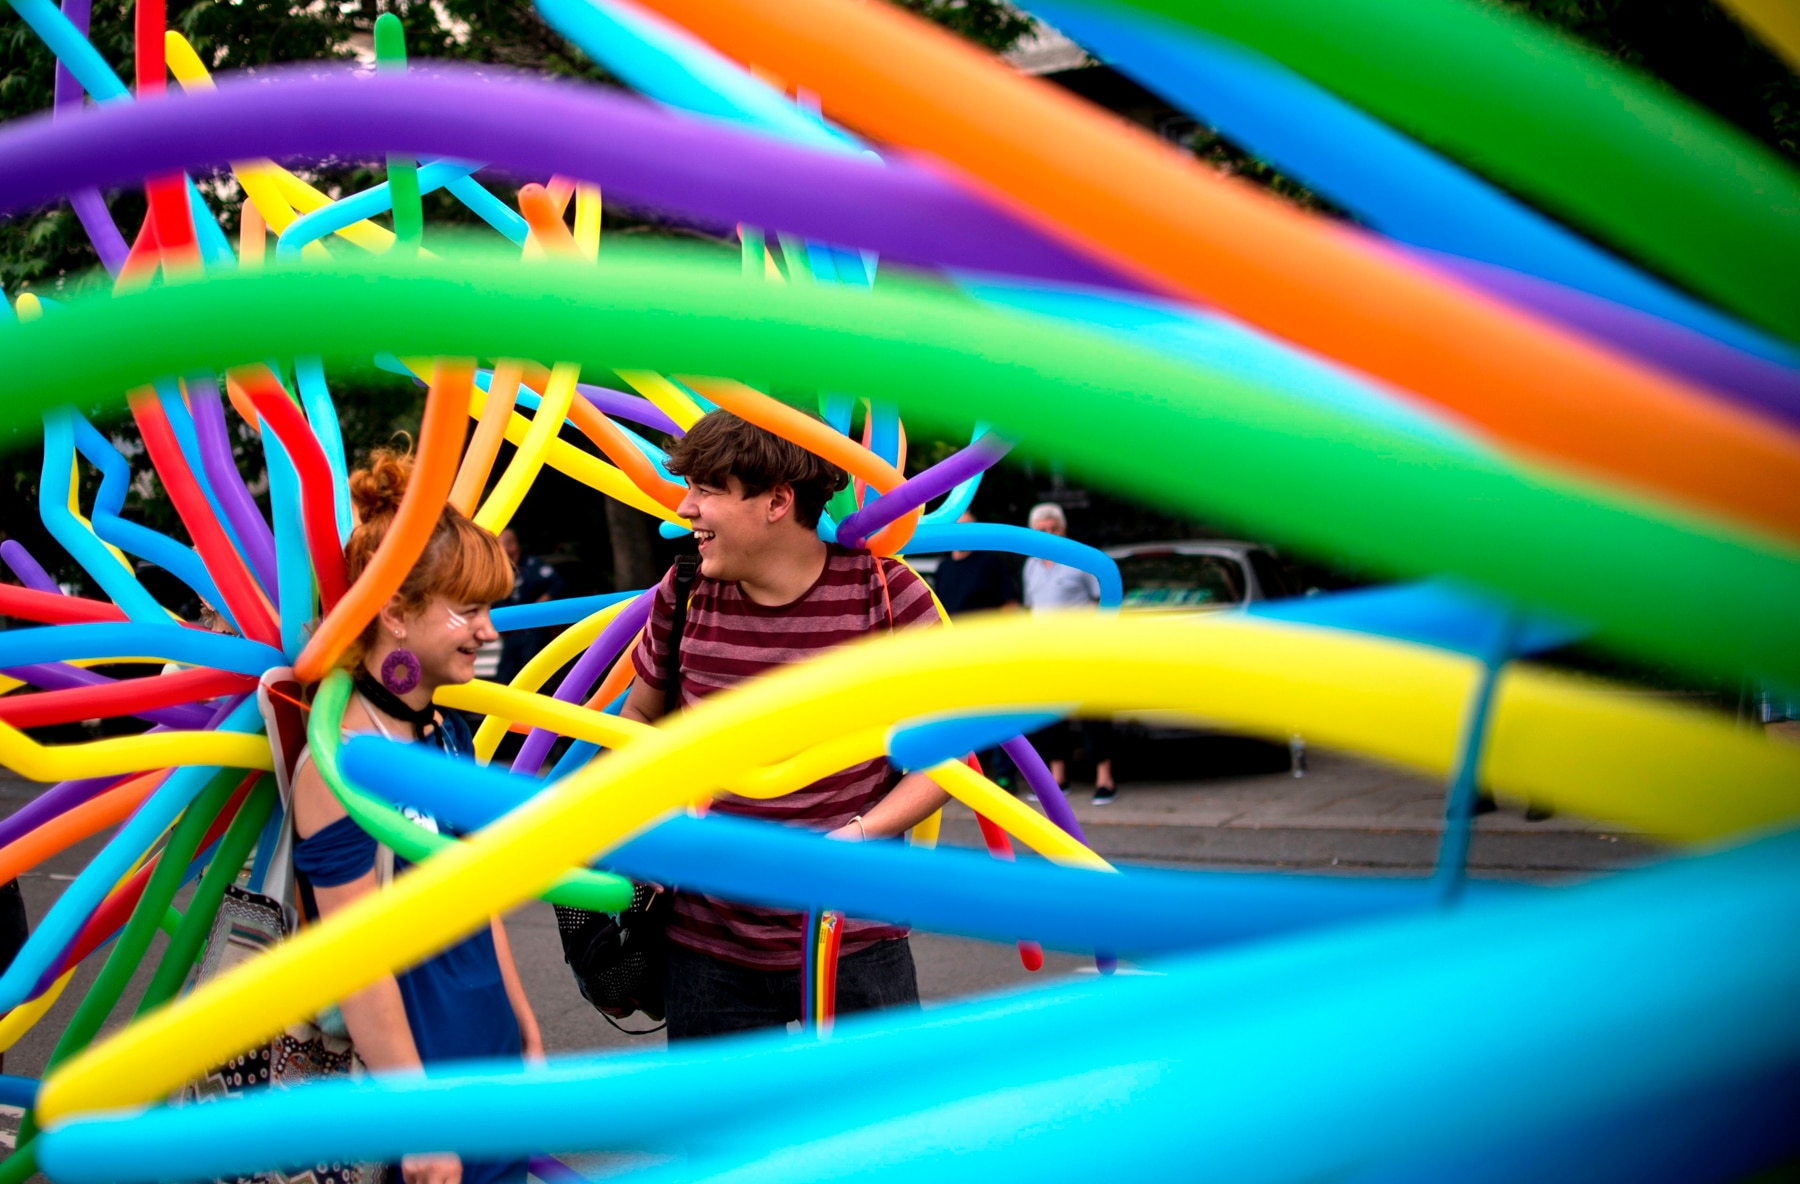 Deux personnes au milieu de ballons de toutes les couleurs. (© Getty Images/AFP)